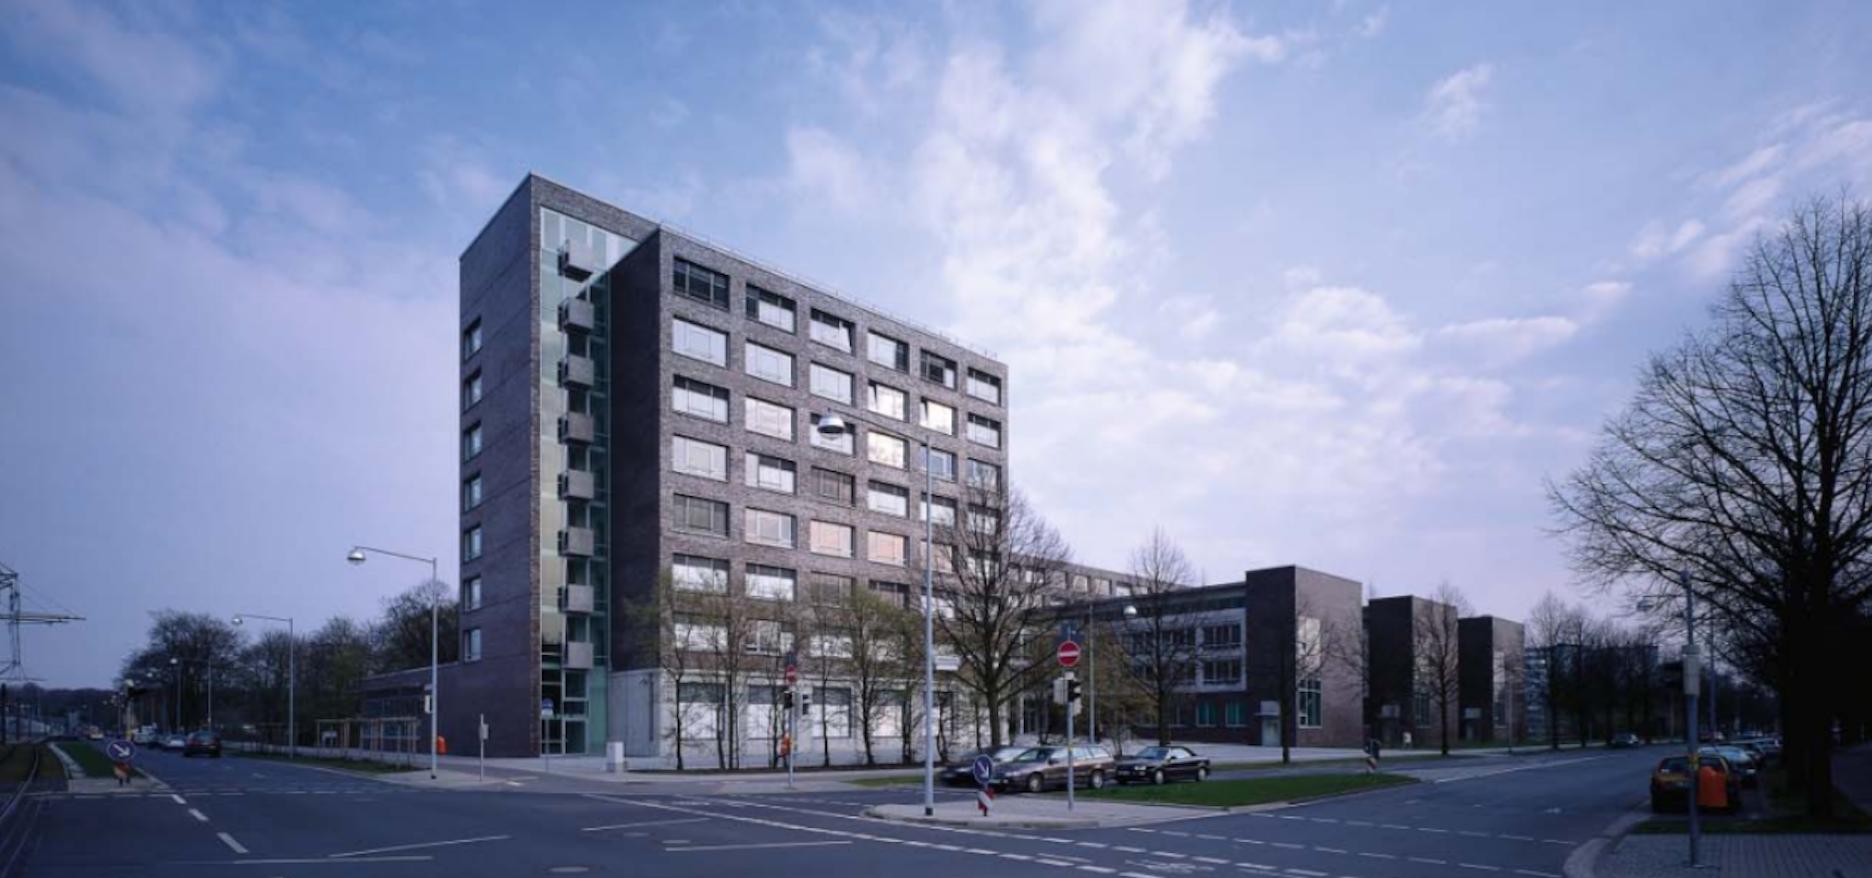 GB NETZ DEUTSCHE BAHN AG - Architekten Schweger Partner